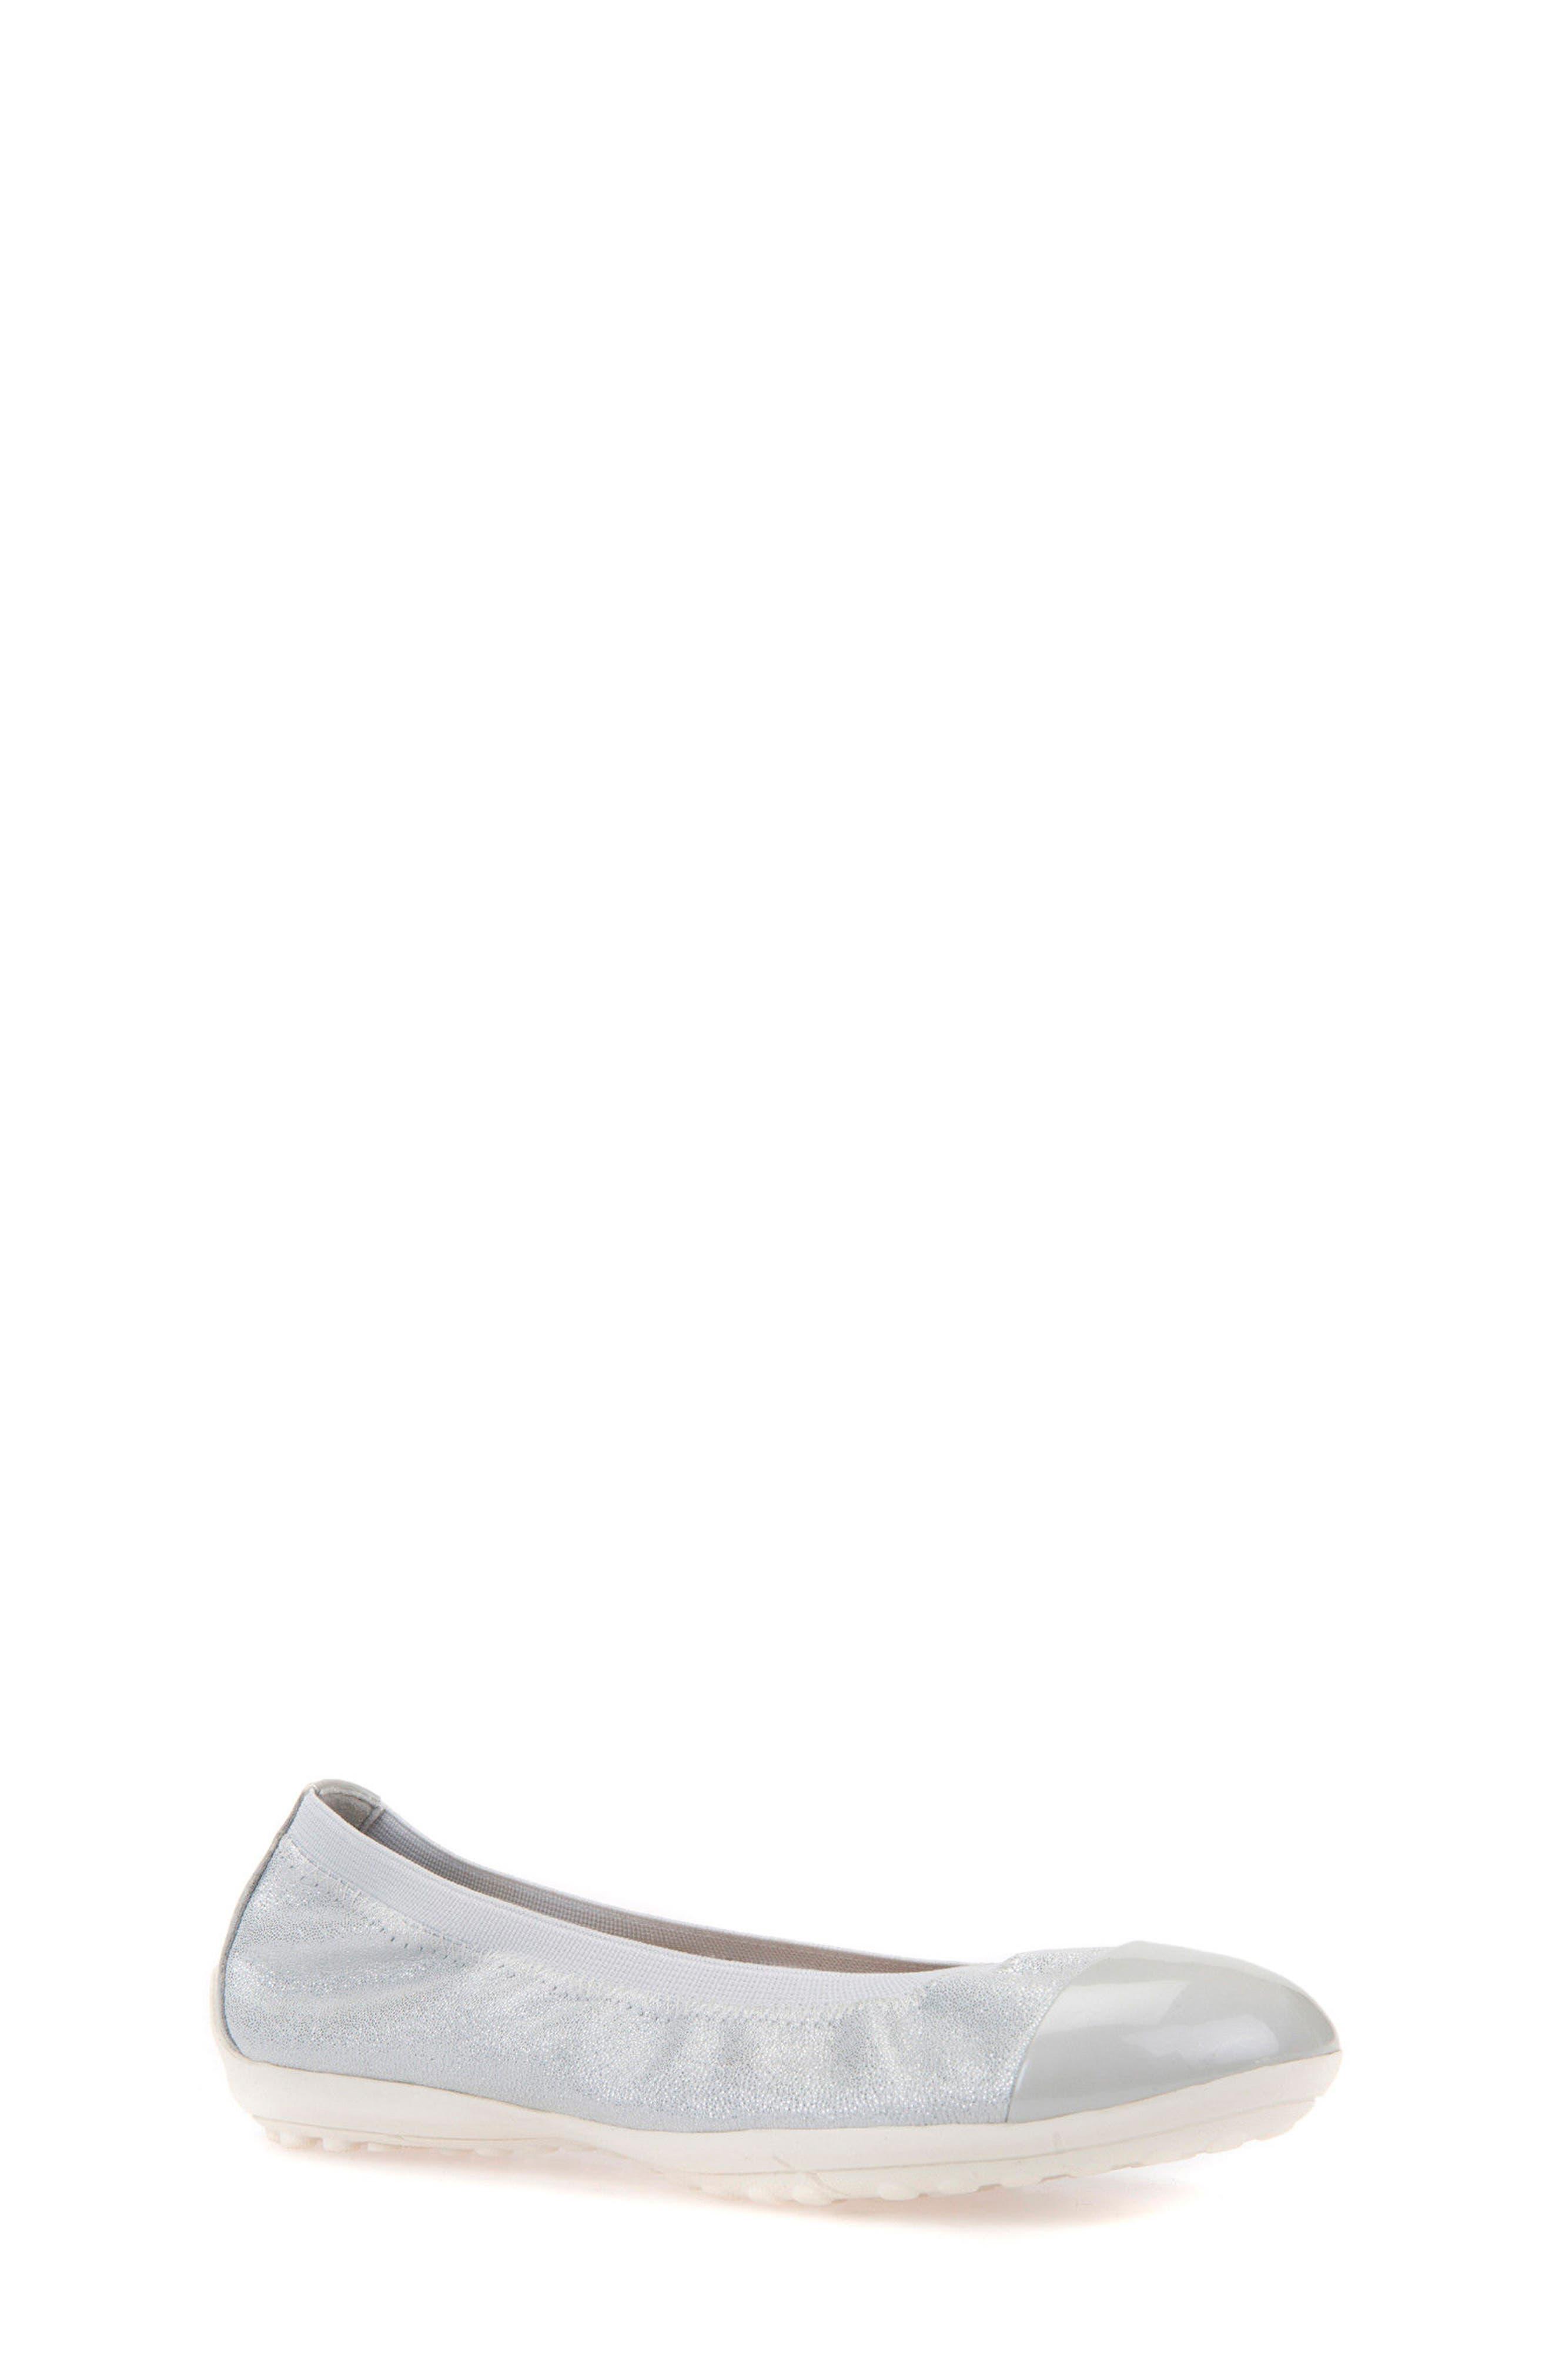 GEOX Piuma Cap Toe Glitter Ballerina Flat, Main, color, PEARL